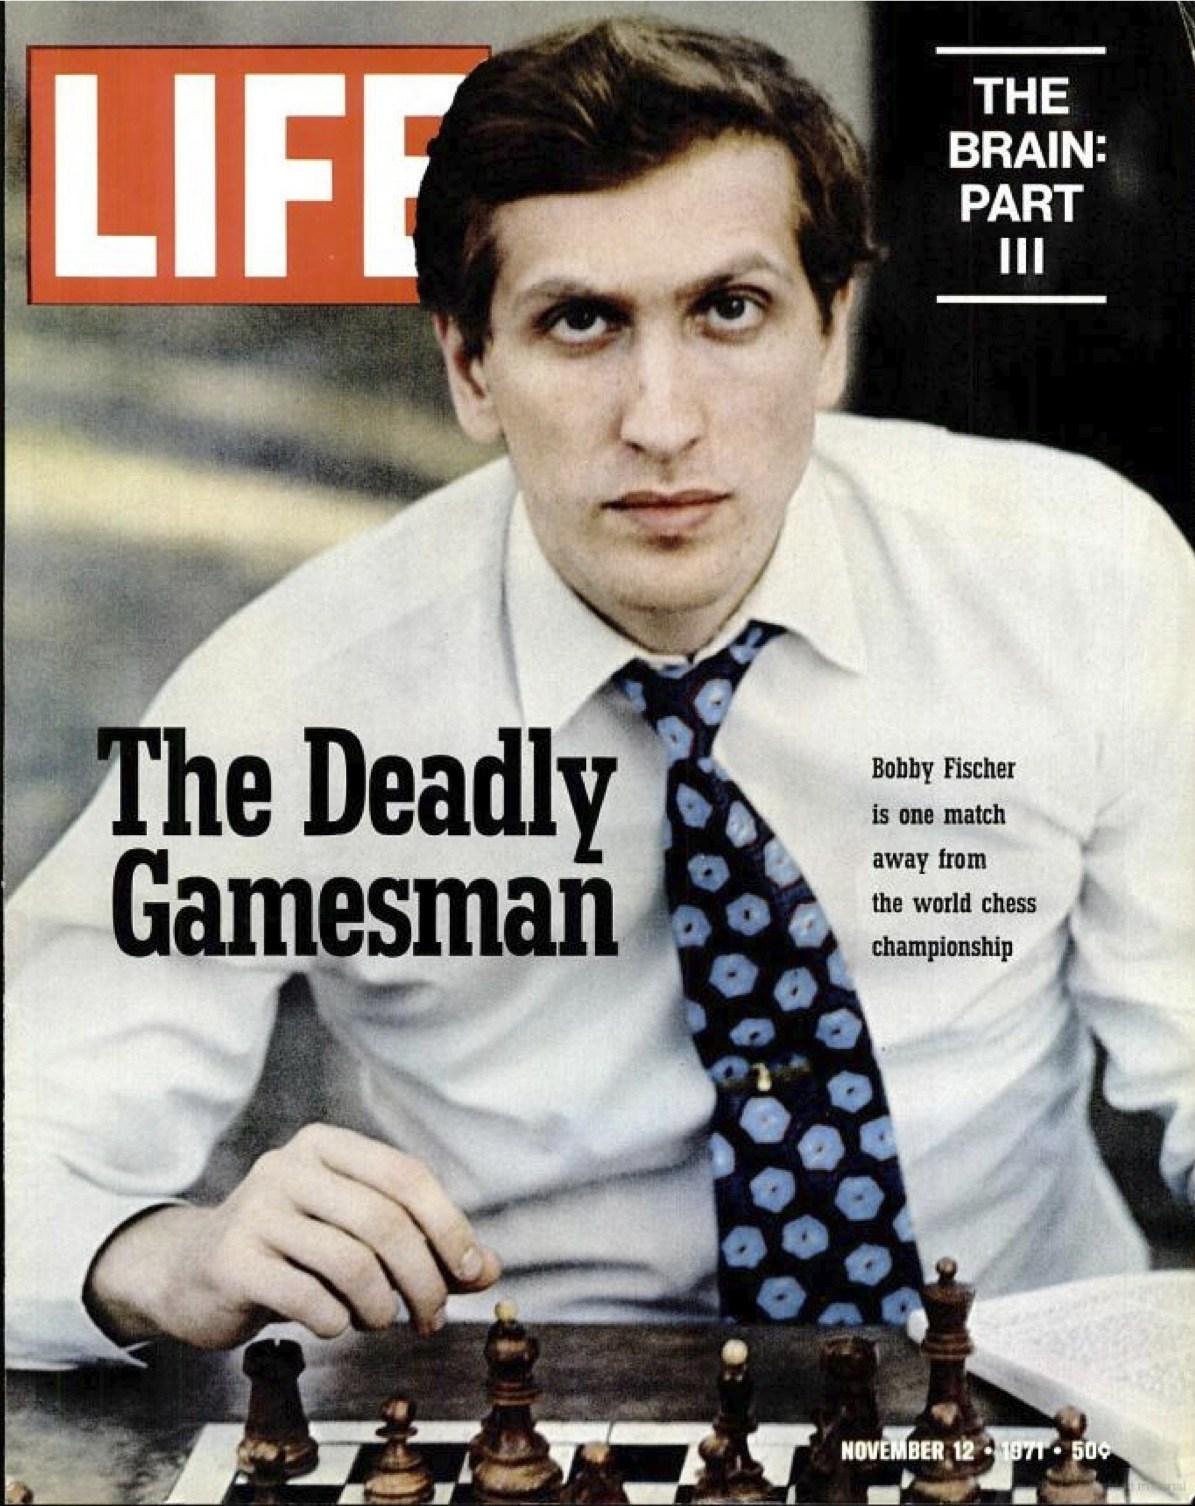 LIFE_Nov12_1971_cover